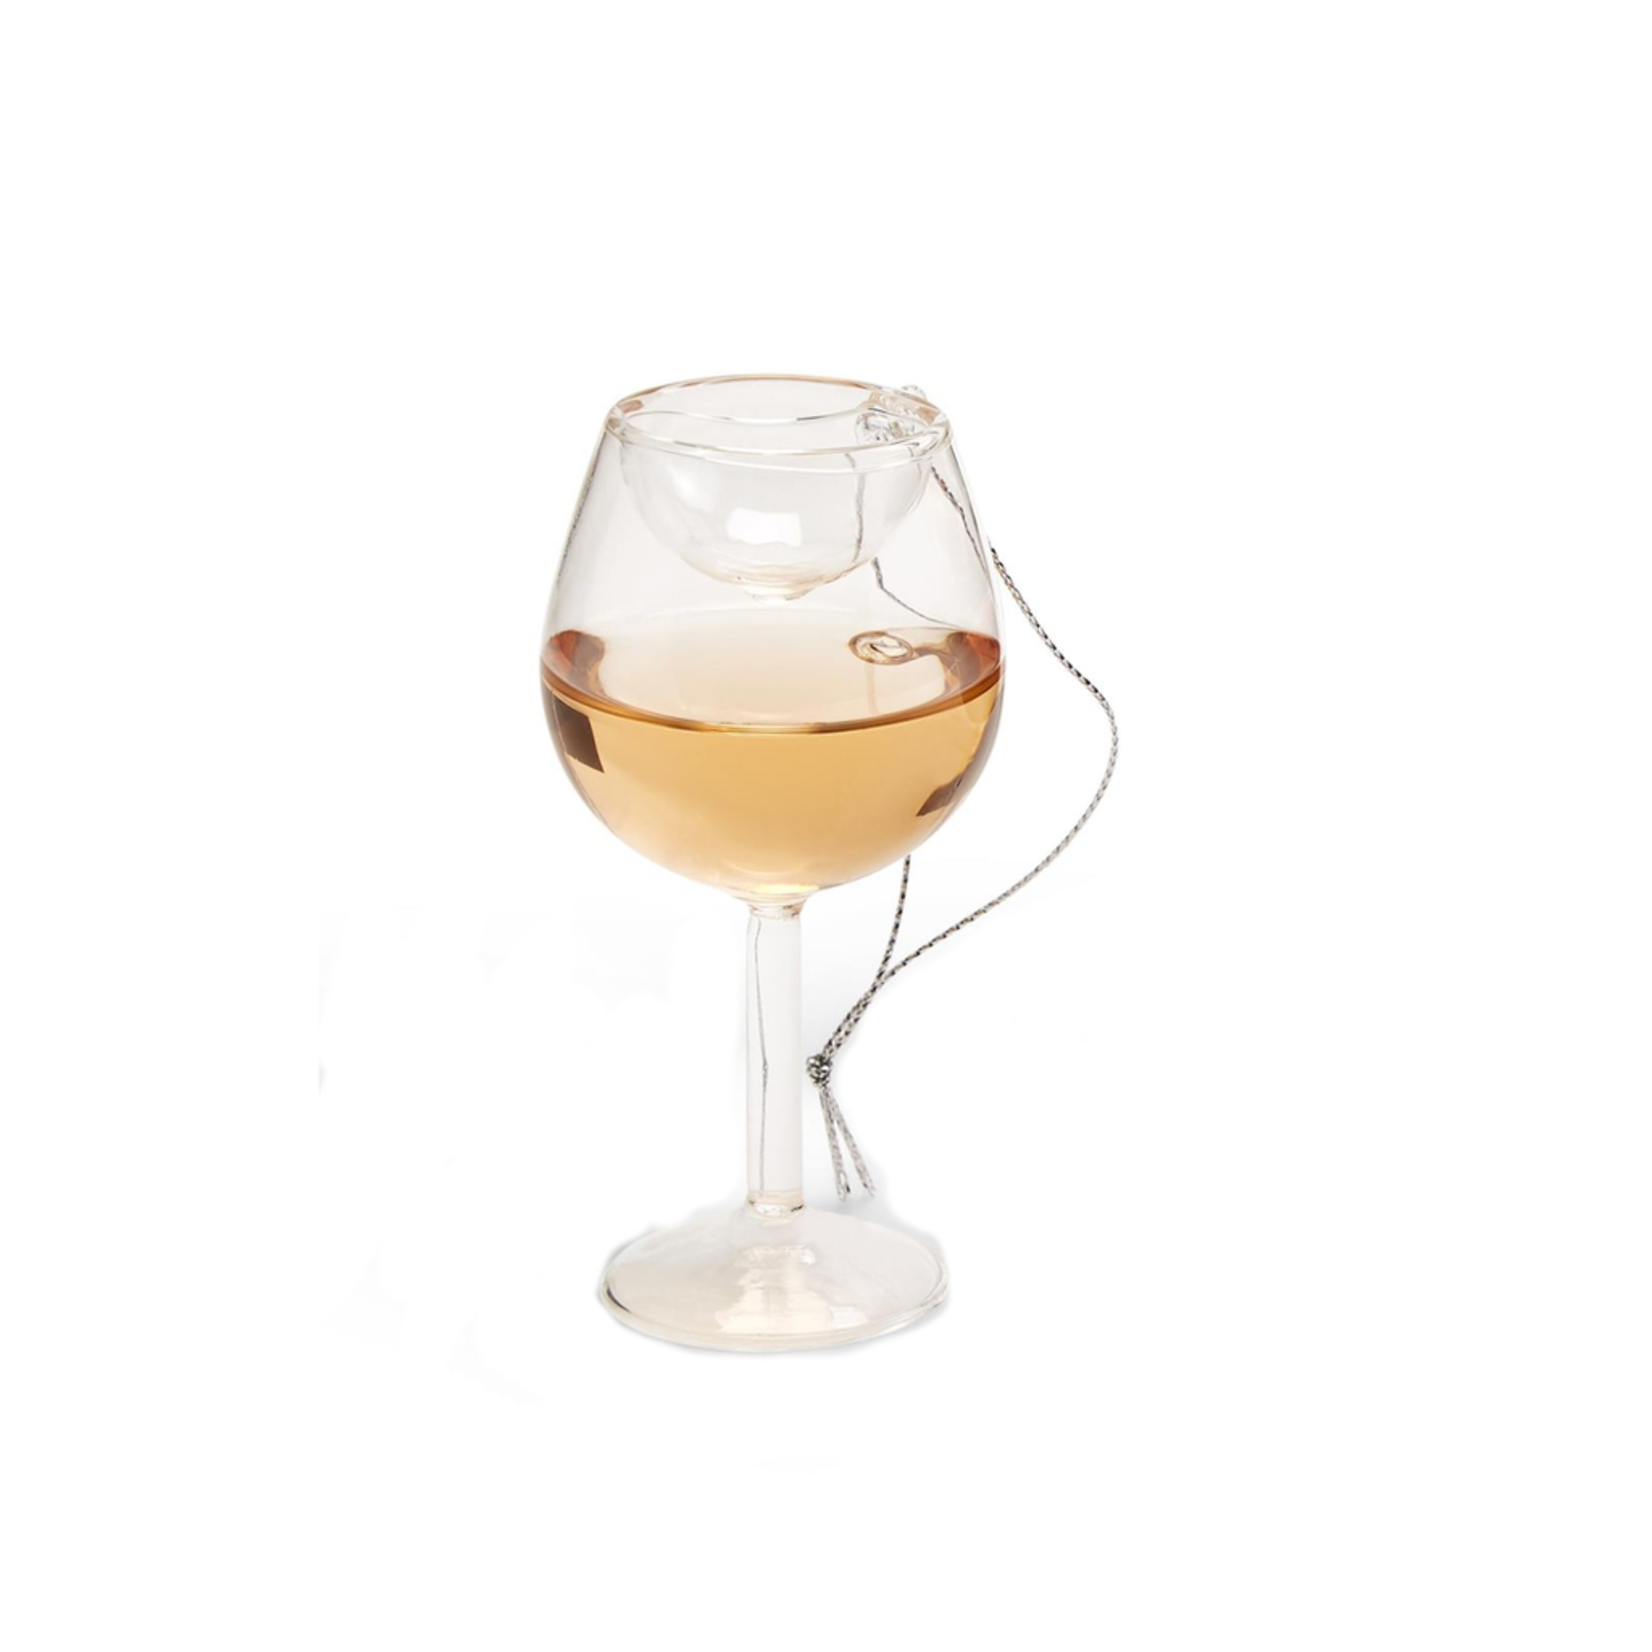 Two's Mini Wine glass ornament